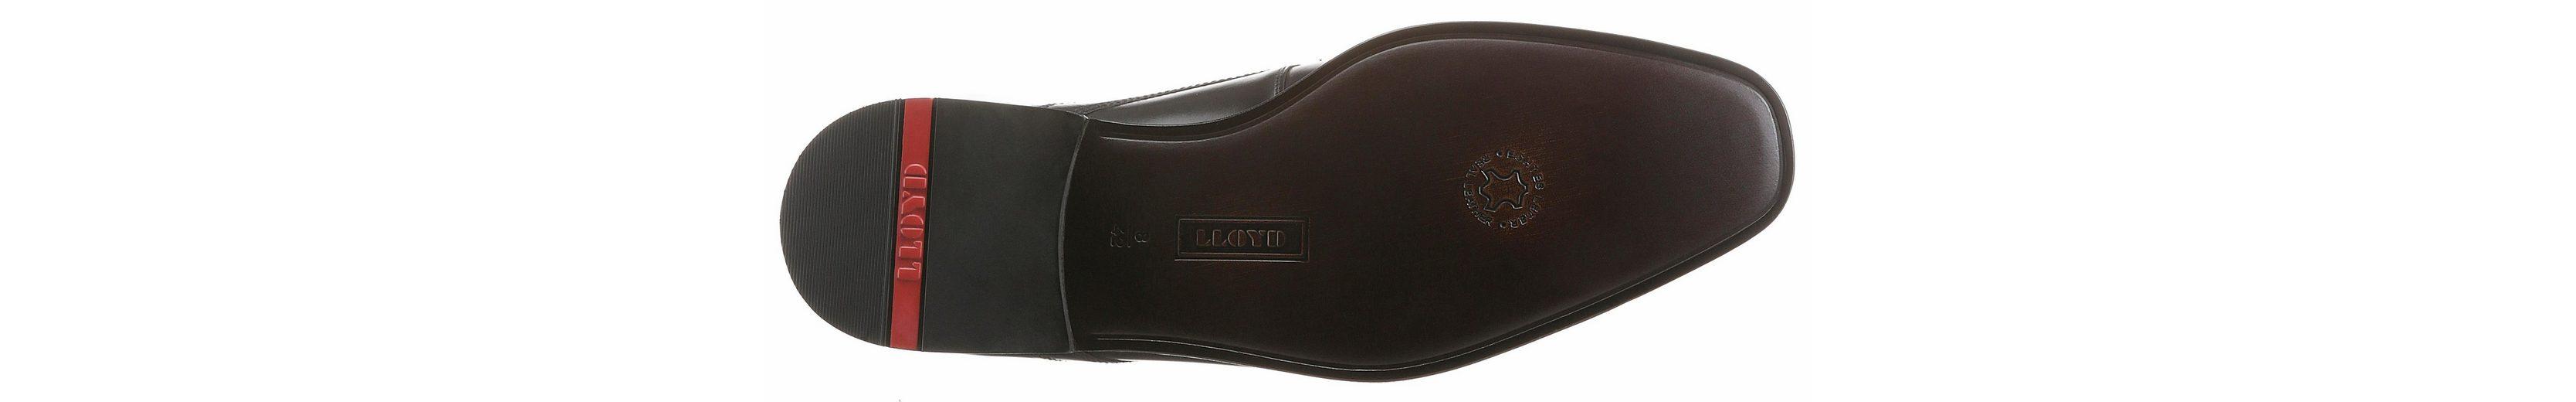 Lloyd Danville Schnürschuh, mit eleganter Lederlaufsohle